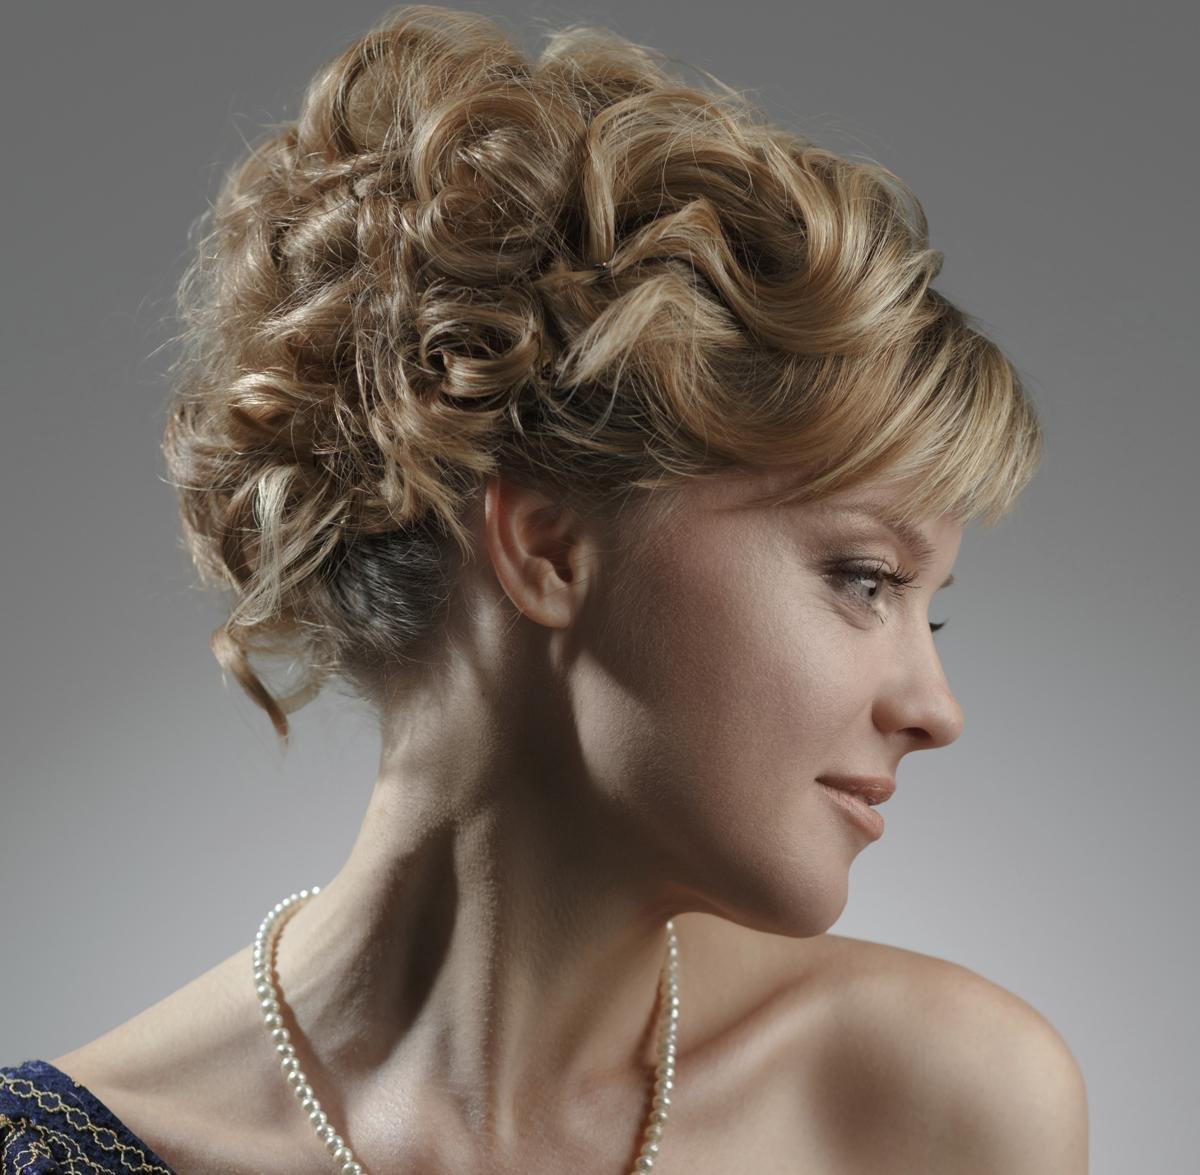 Стрижка для кудрявых волос «под мальчика» предусмотрена для женщин худощавого типа, имеющих утонченные черты.